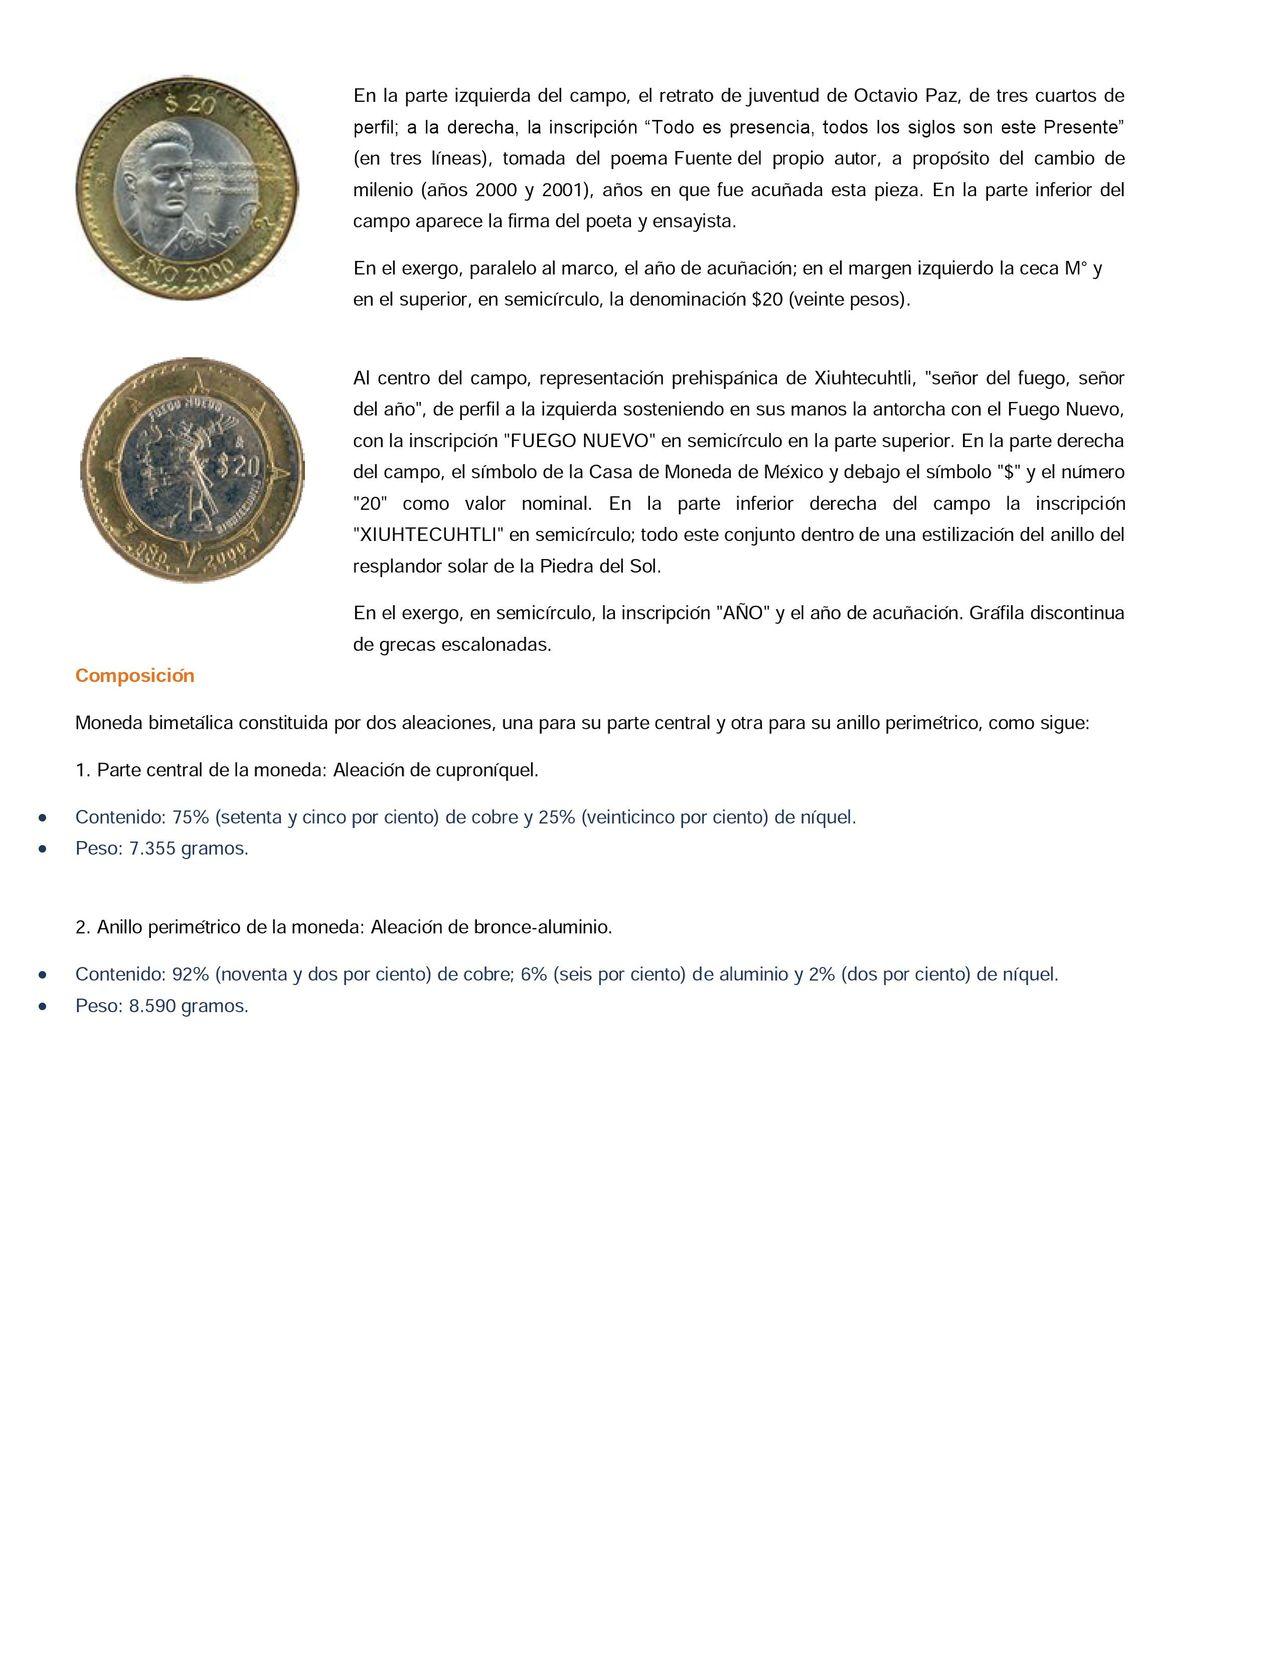 Nueva moneda de 20 pesos en circulacion  0003